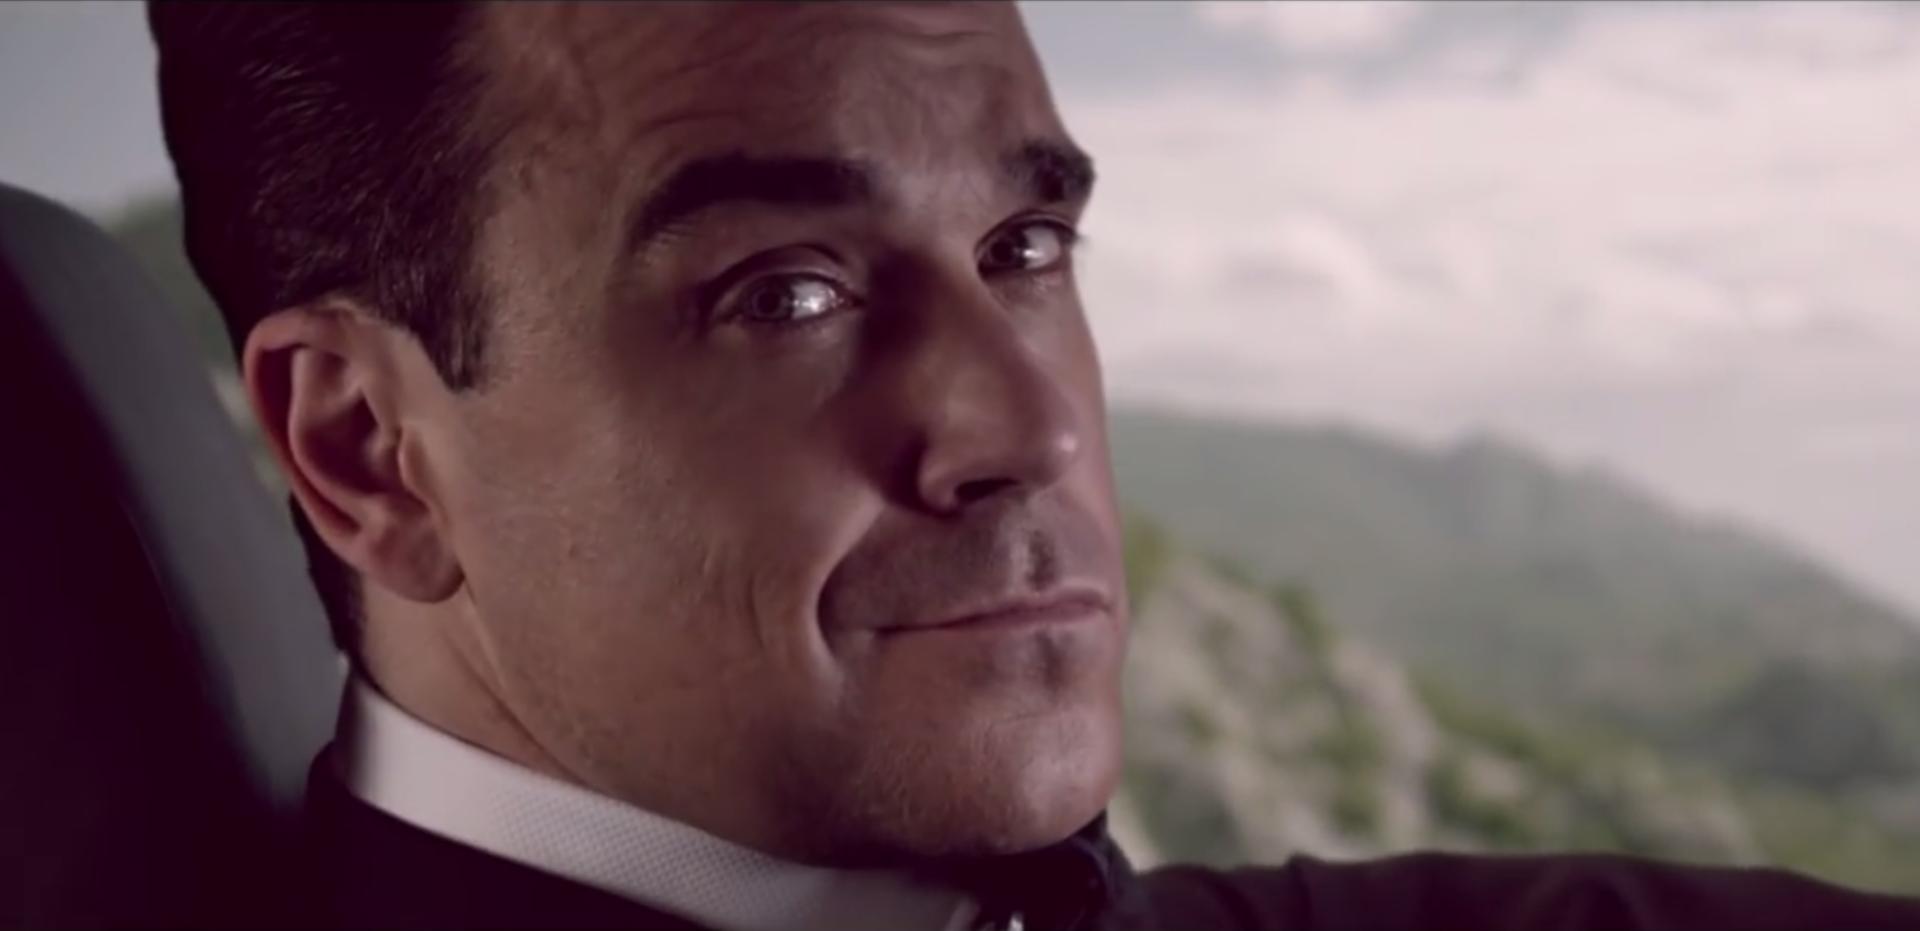 Café Royal nous offre un nouveau spot avec Robbie Williams